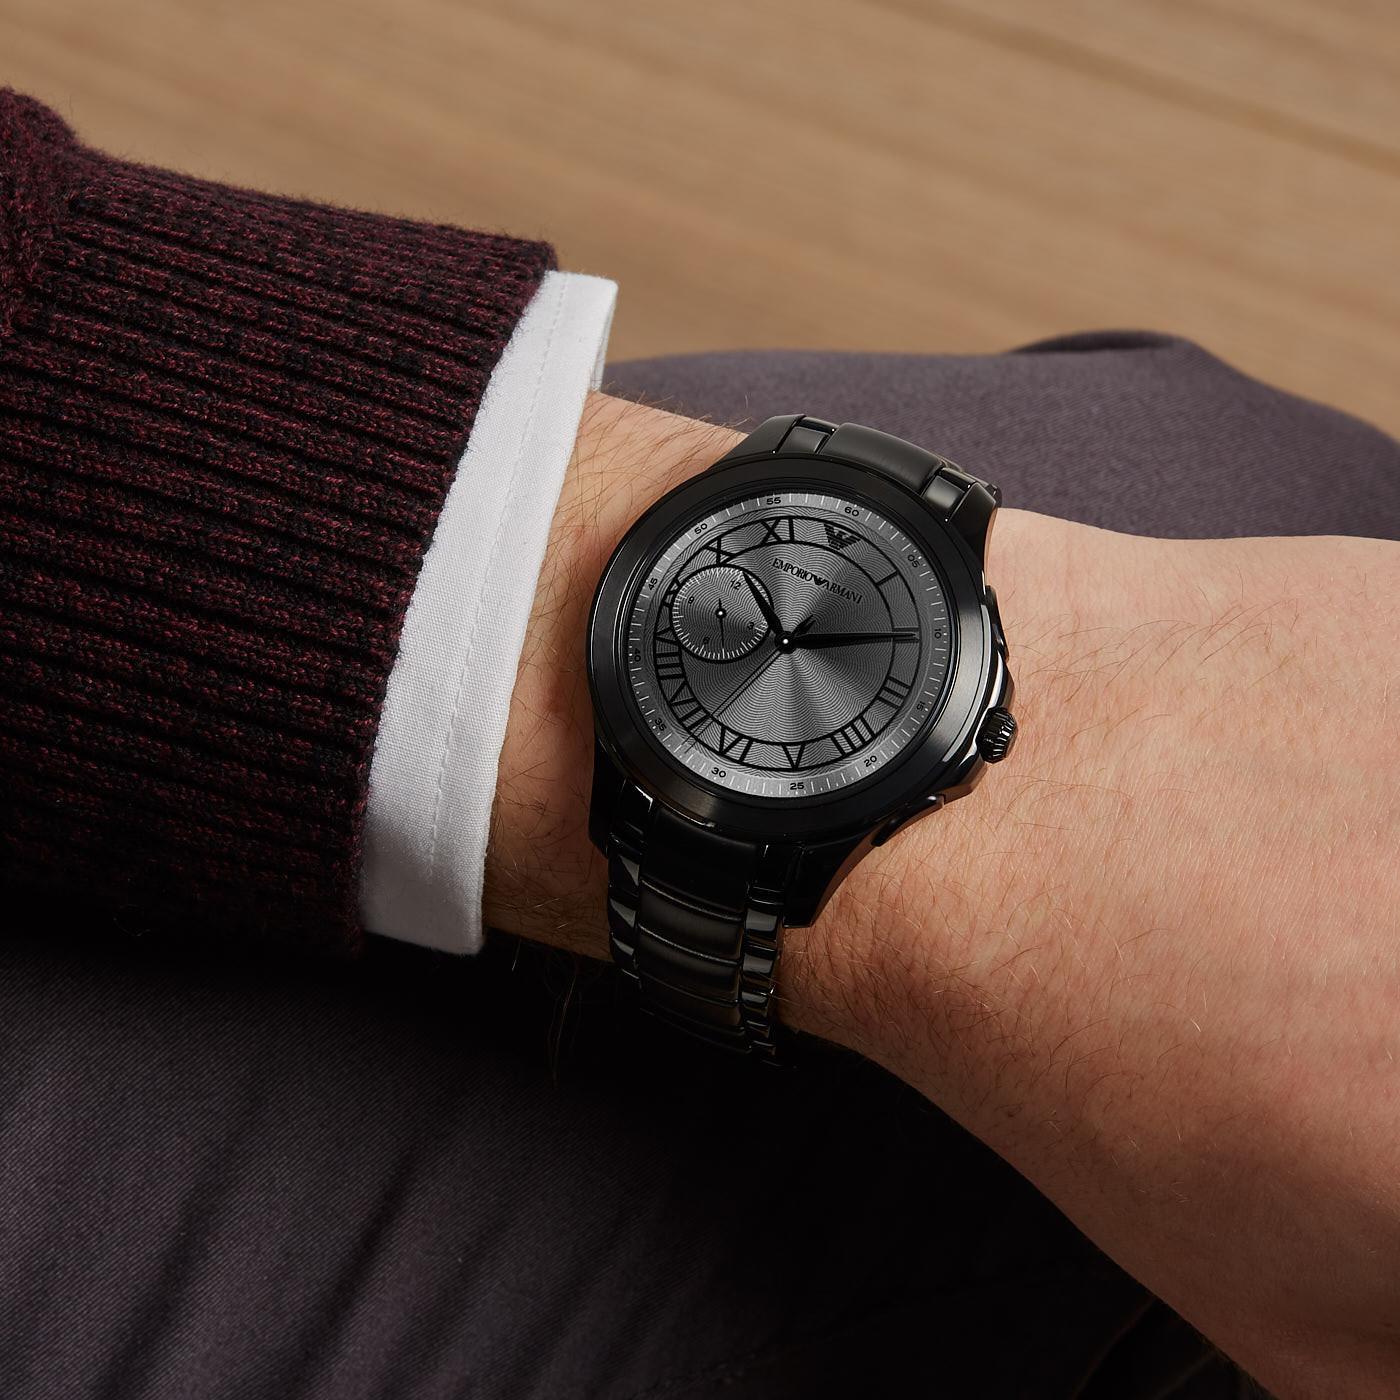 a190f73c74f5 Emporio Armani Alberto reloj ART5011 - Relojes